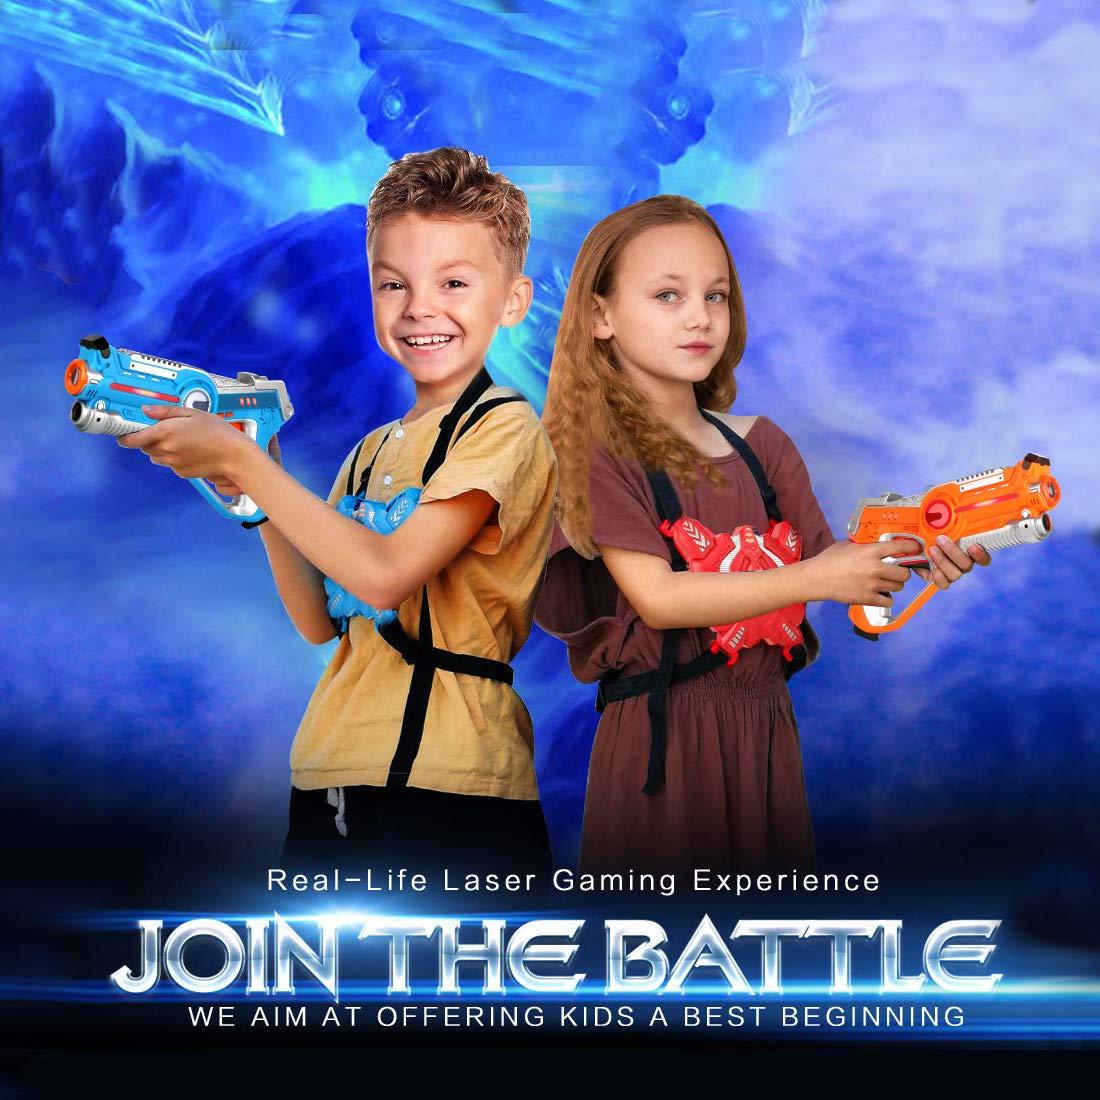 Laser Tag Guns Sets, Super Joy Infrared Laser Tag Sets with 4 Guns and 4 Vests, Laser Tag Gun Toys Indoor Outdoor Game for Boys Girls by Super Joy (Image #6)